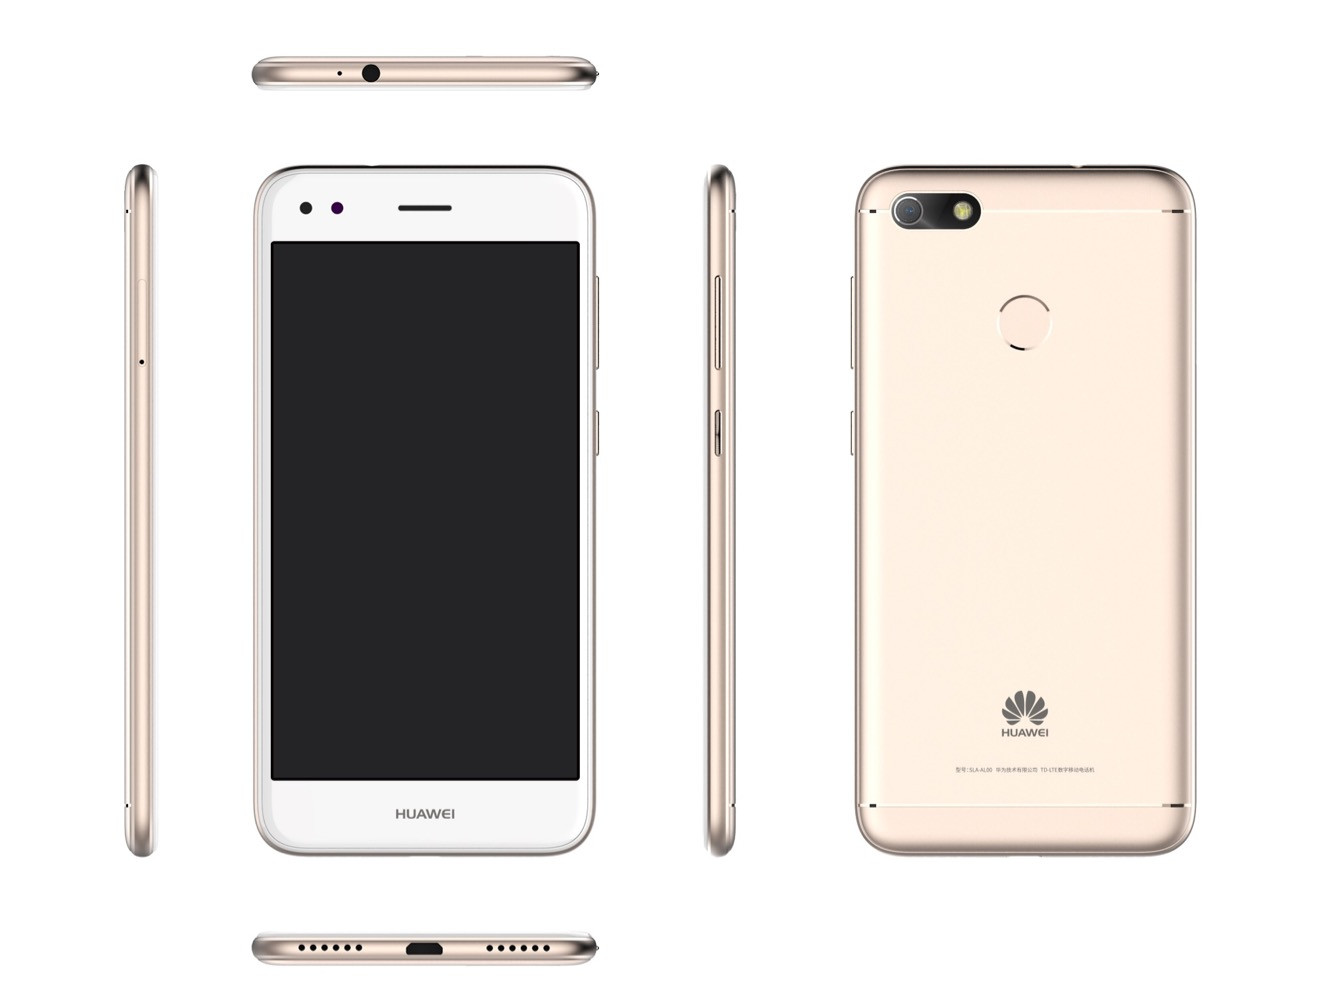 May 29, · Huawei P9 Lite Mini разполага с 5-инчов HD IPS LCD дисплей, който е разположен в елегантно тяло от метал. Дизайнът на корпуса е обновен, а заоблените краища придават елегантен завършек на модела /5(16)..